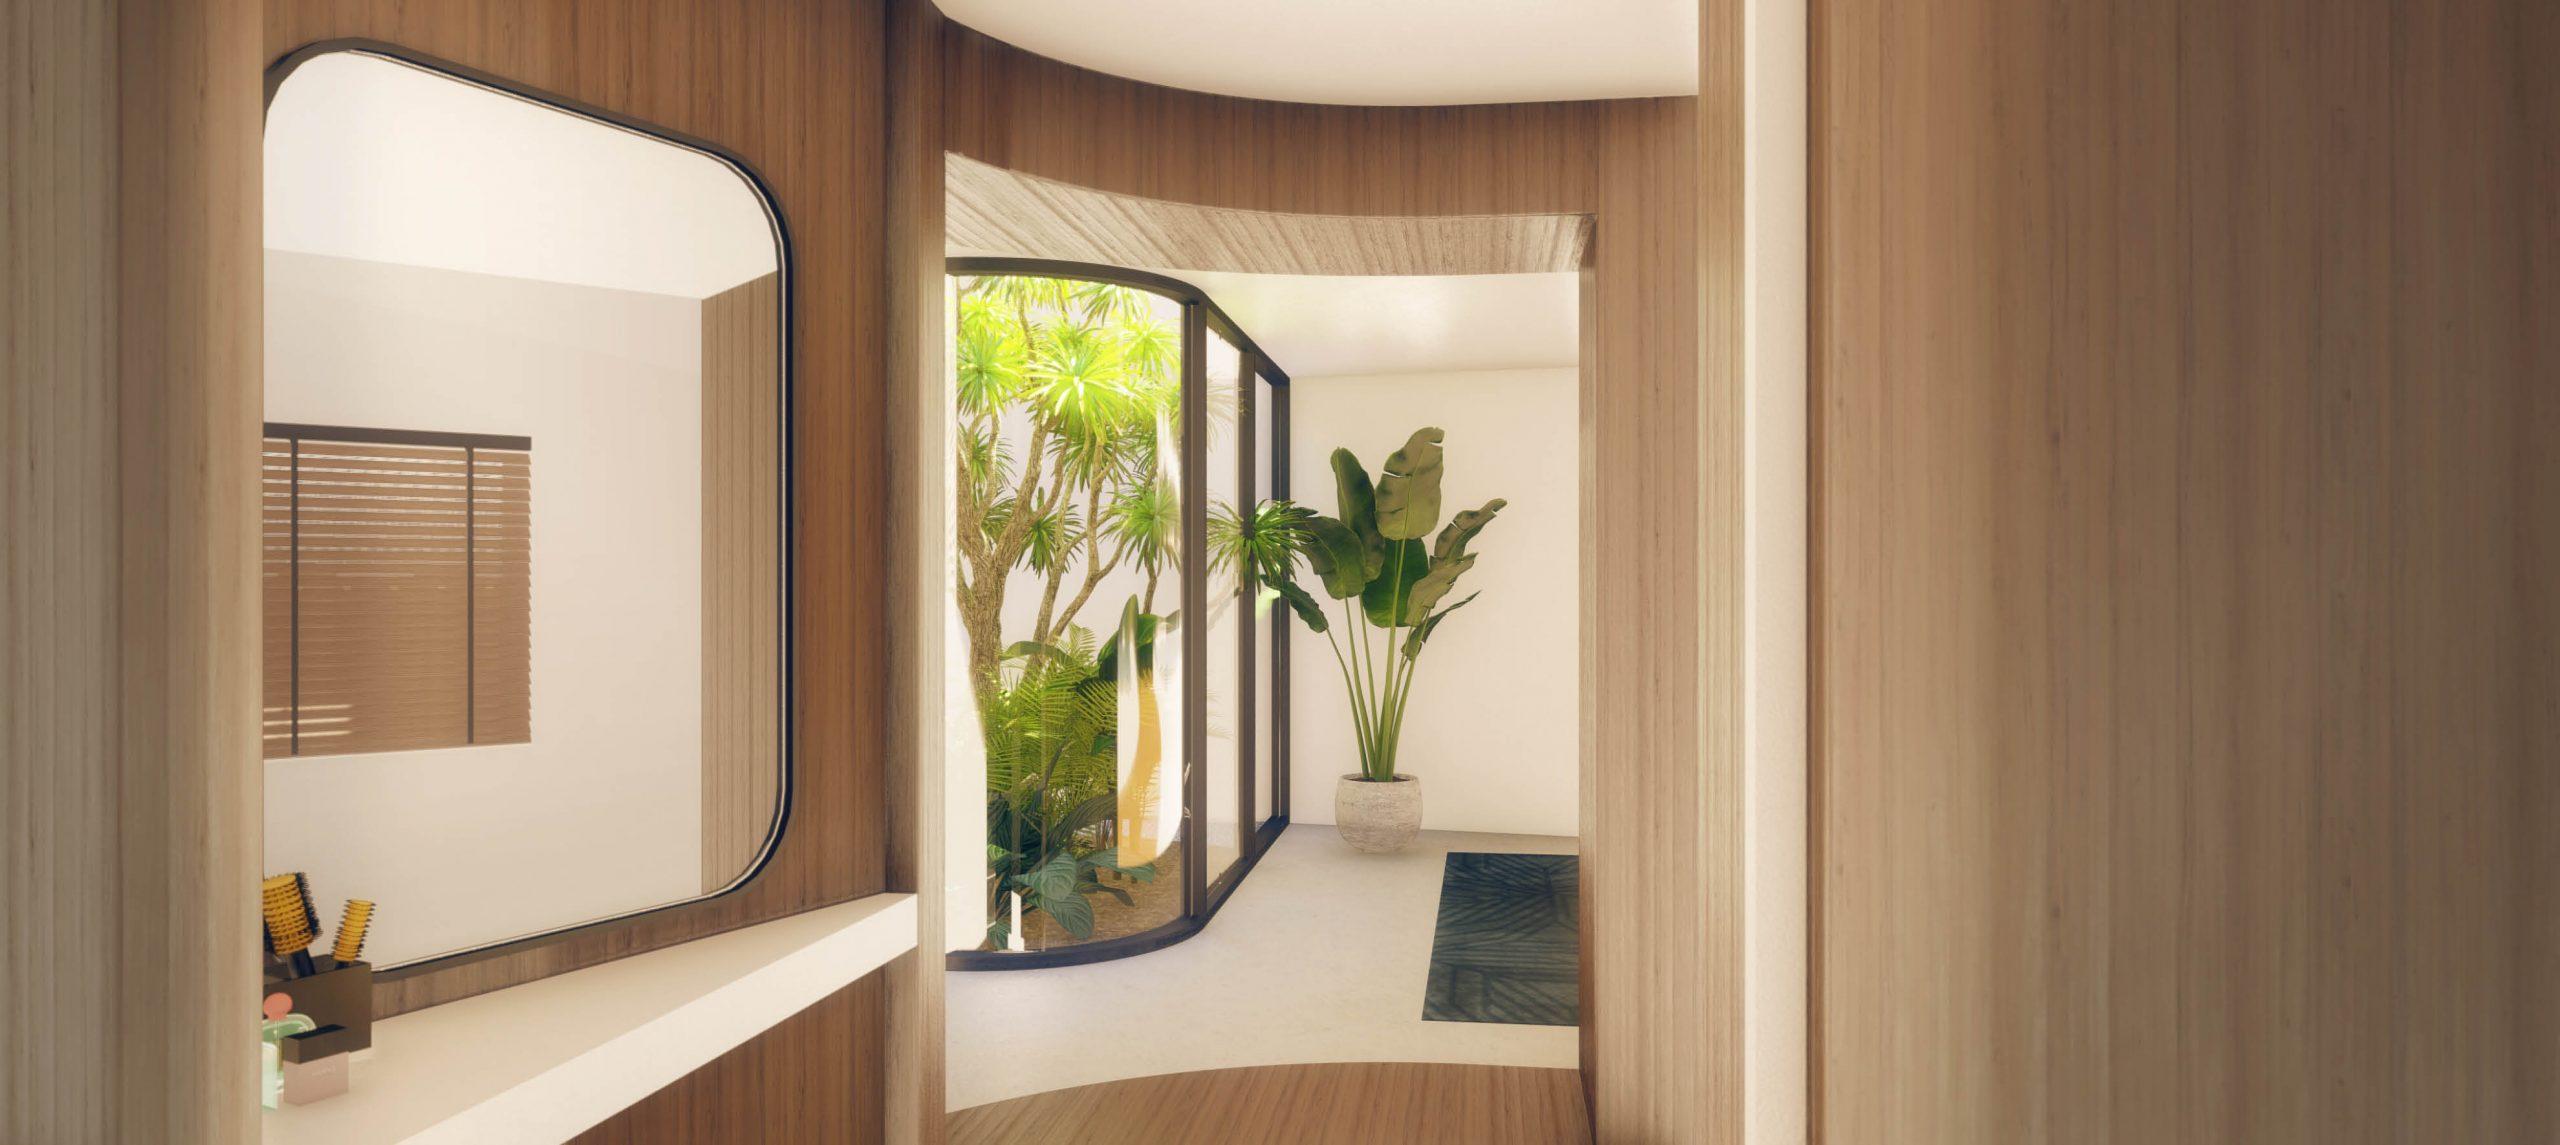 Project-noordwijk-de-perfecte-verbouwing-aflevering-7-patio-van-egmond-architecten